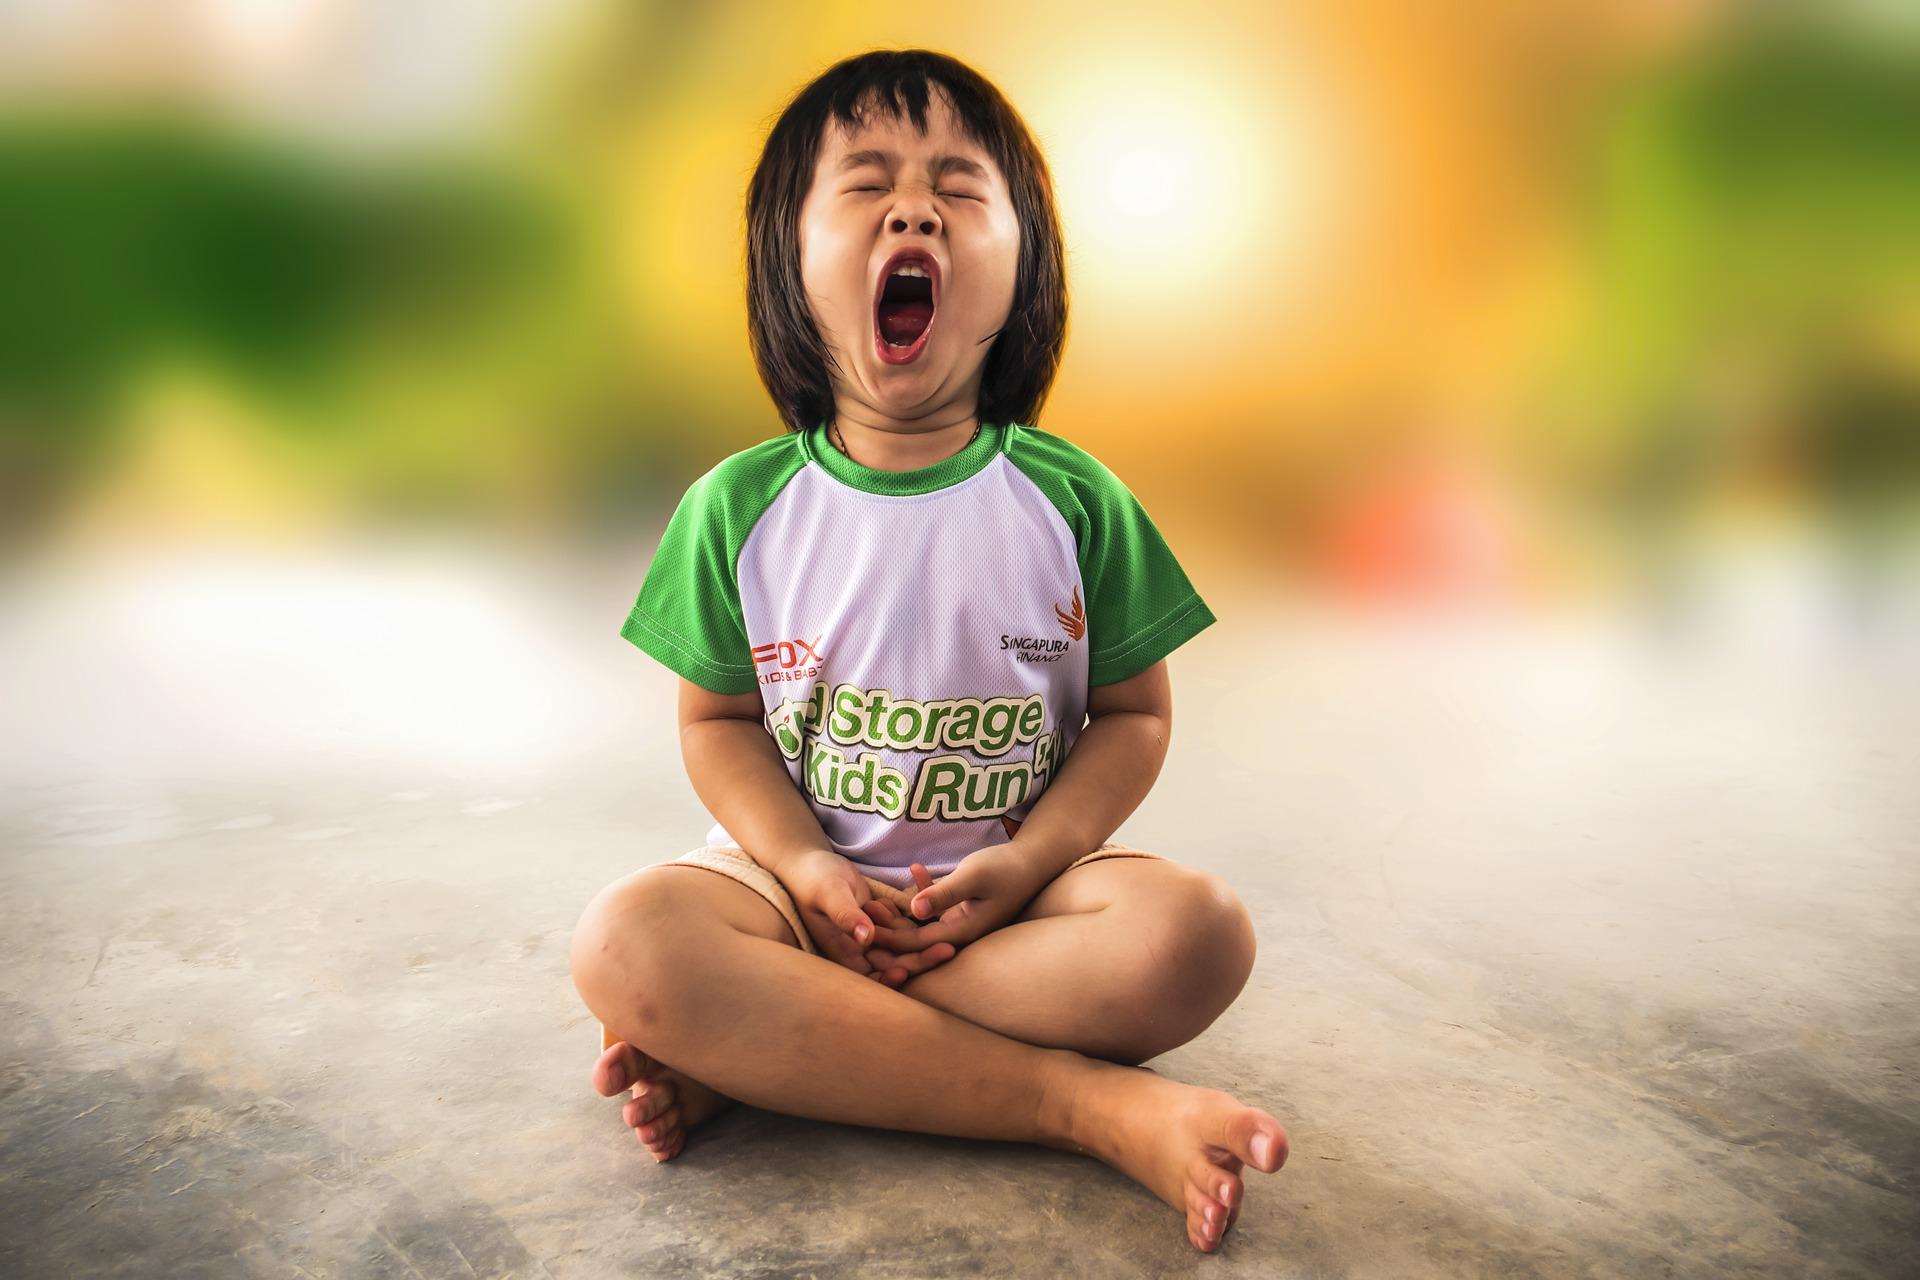 childhood sleep apnea